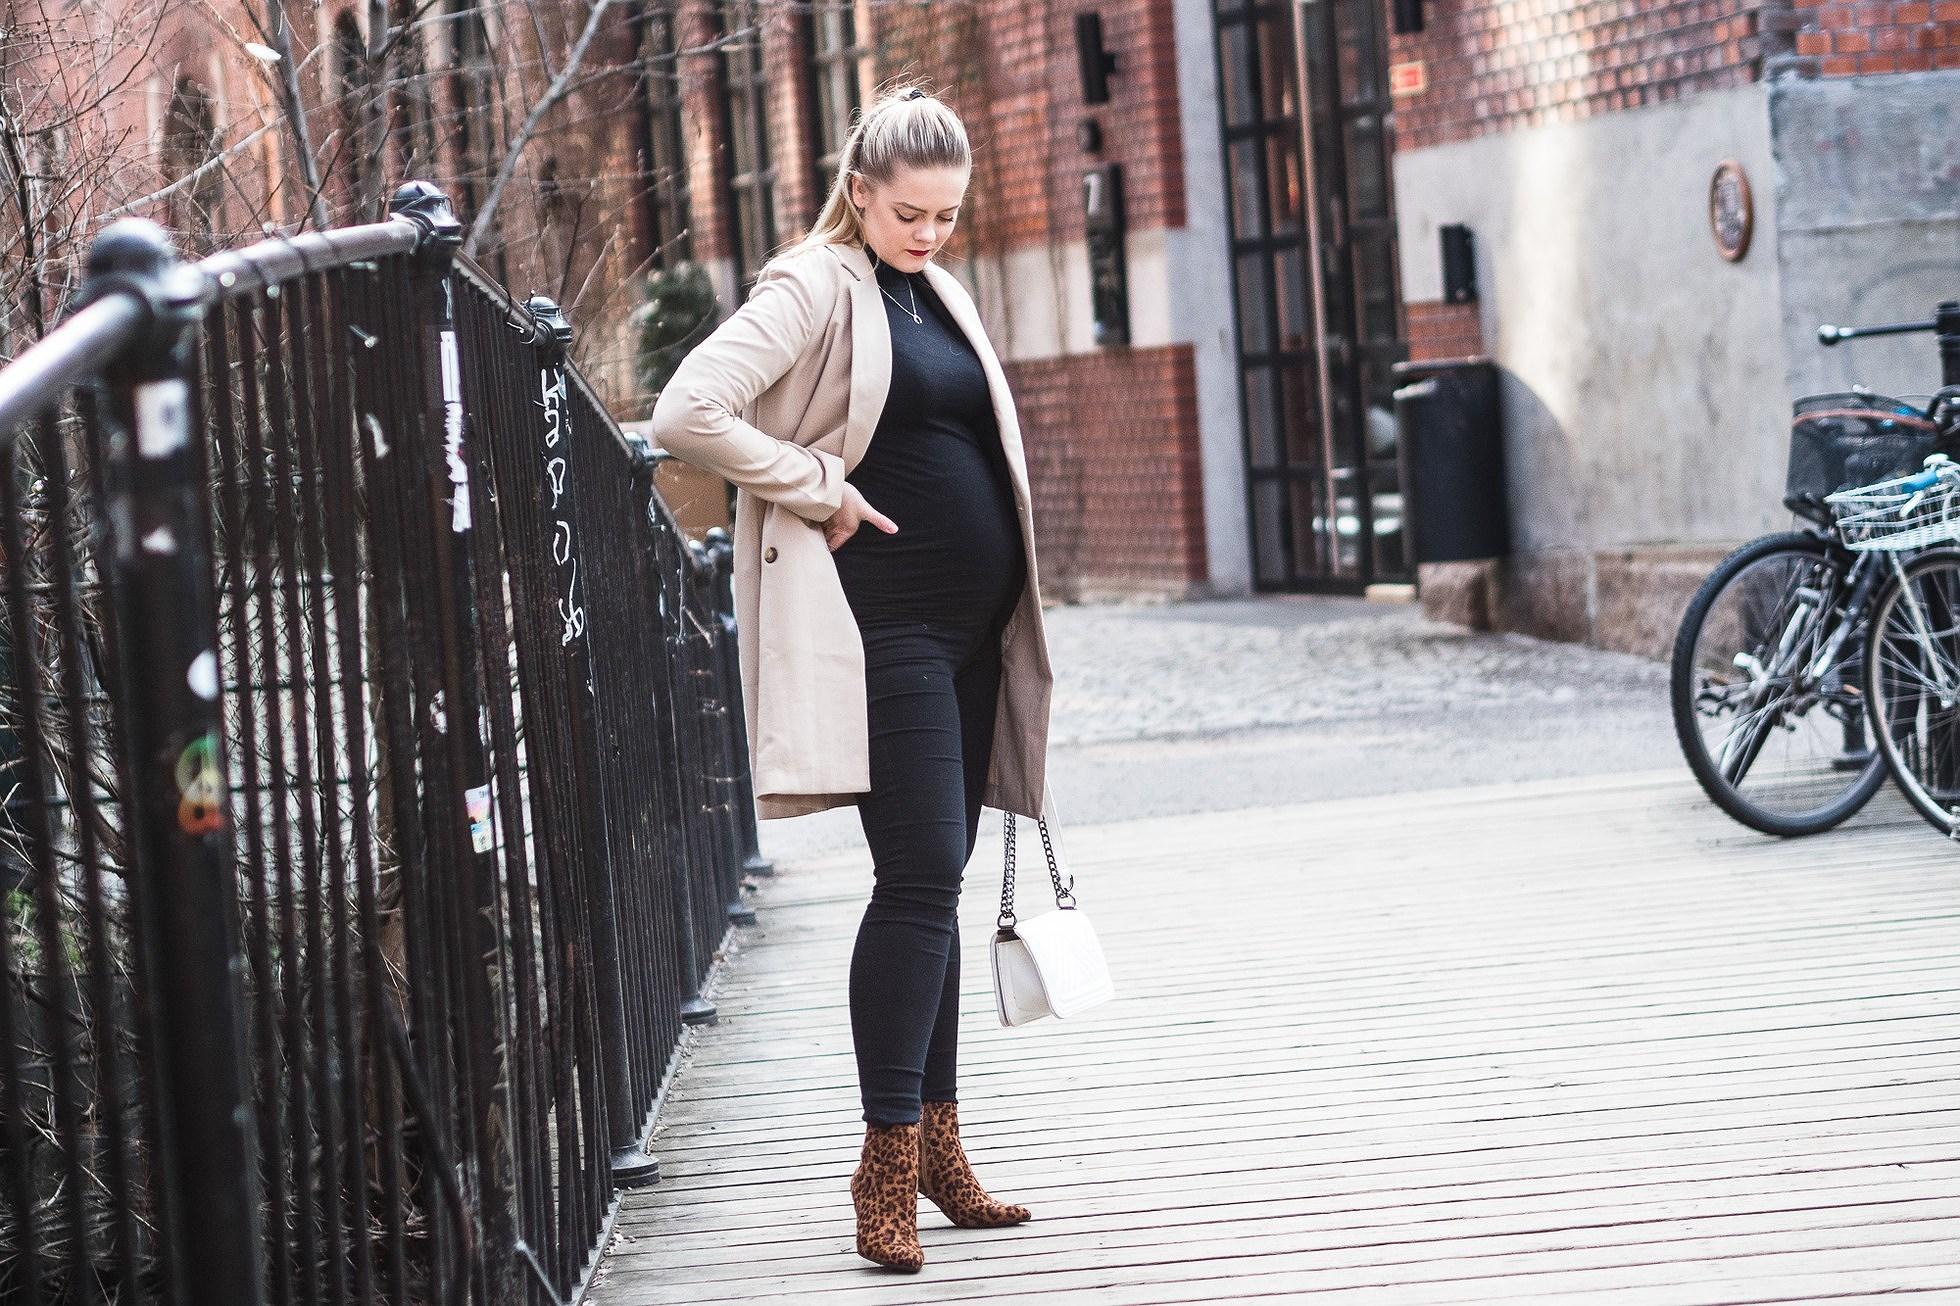 Spørsmål og svar om graviditeten